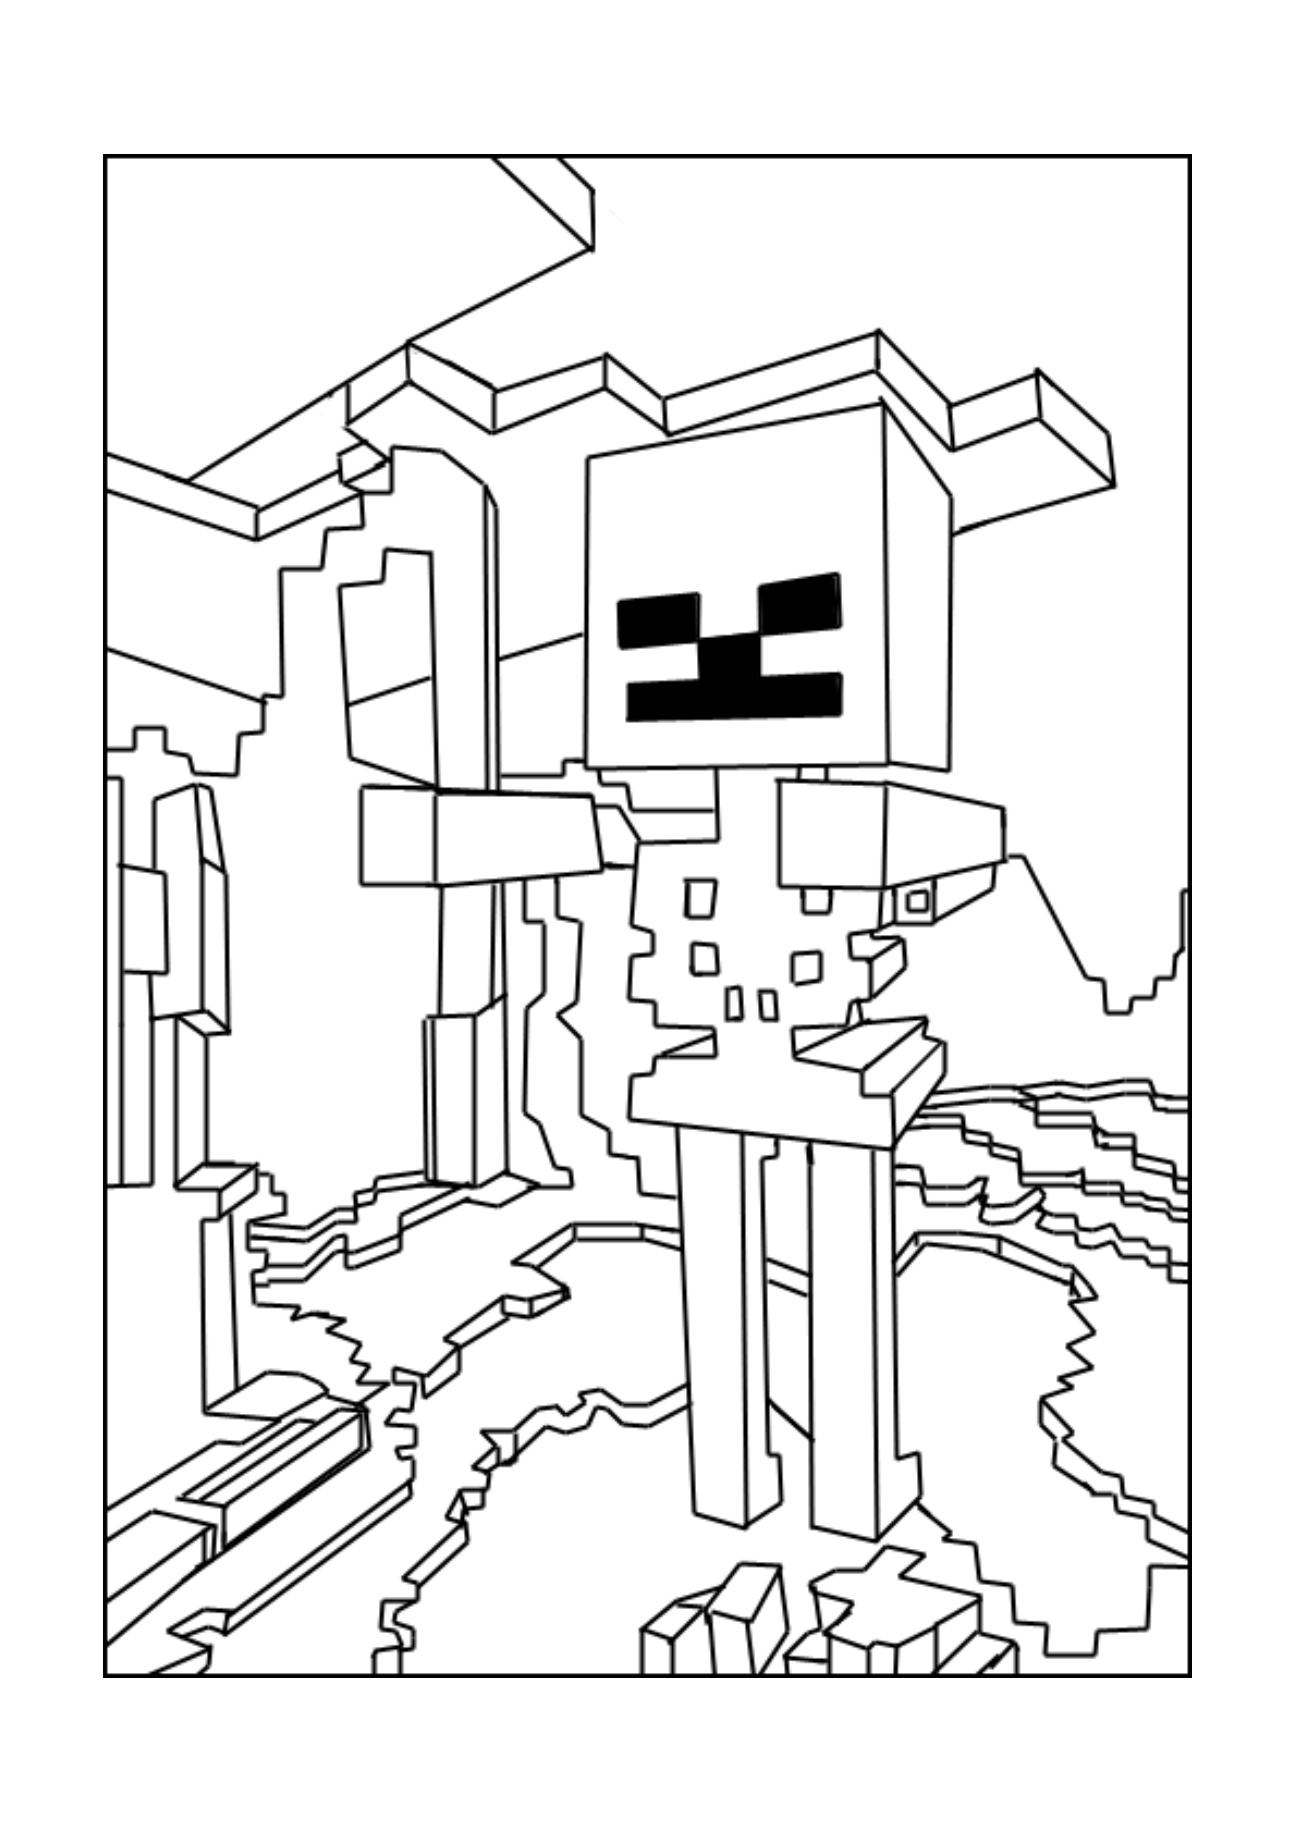 Enfant minecraft 17 coloriage minecraft coloriages - Enfants coloriage ...